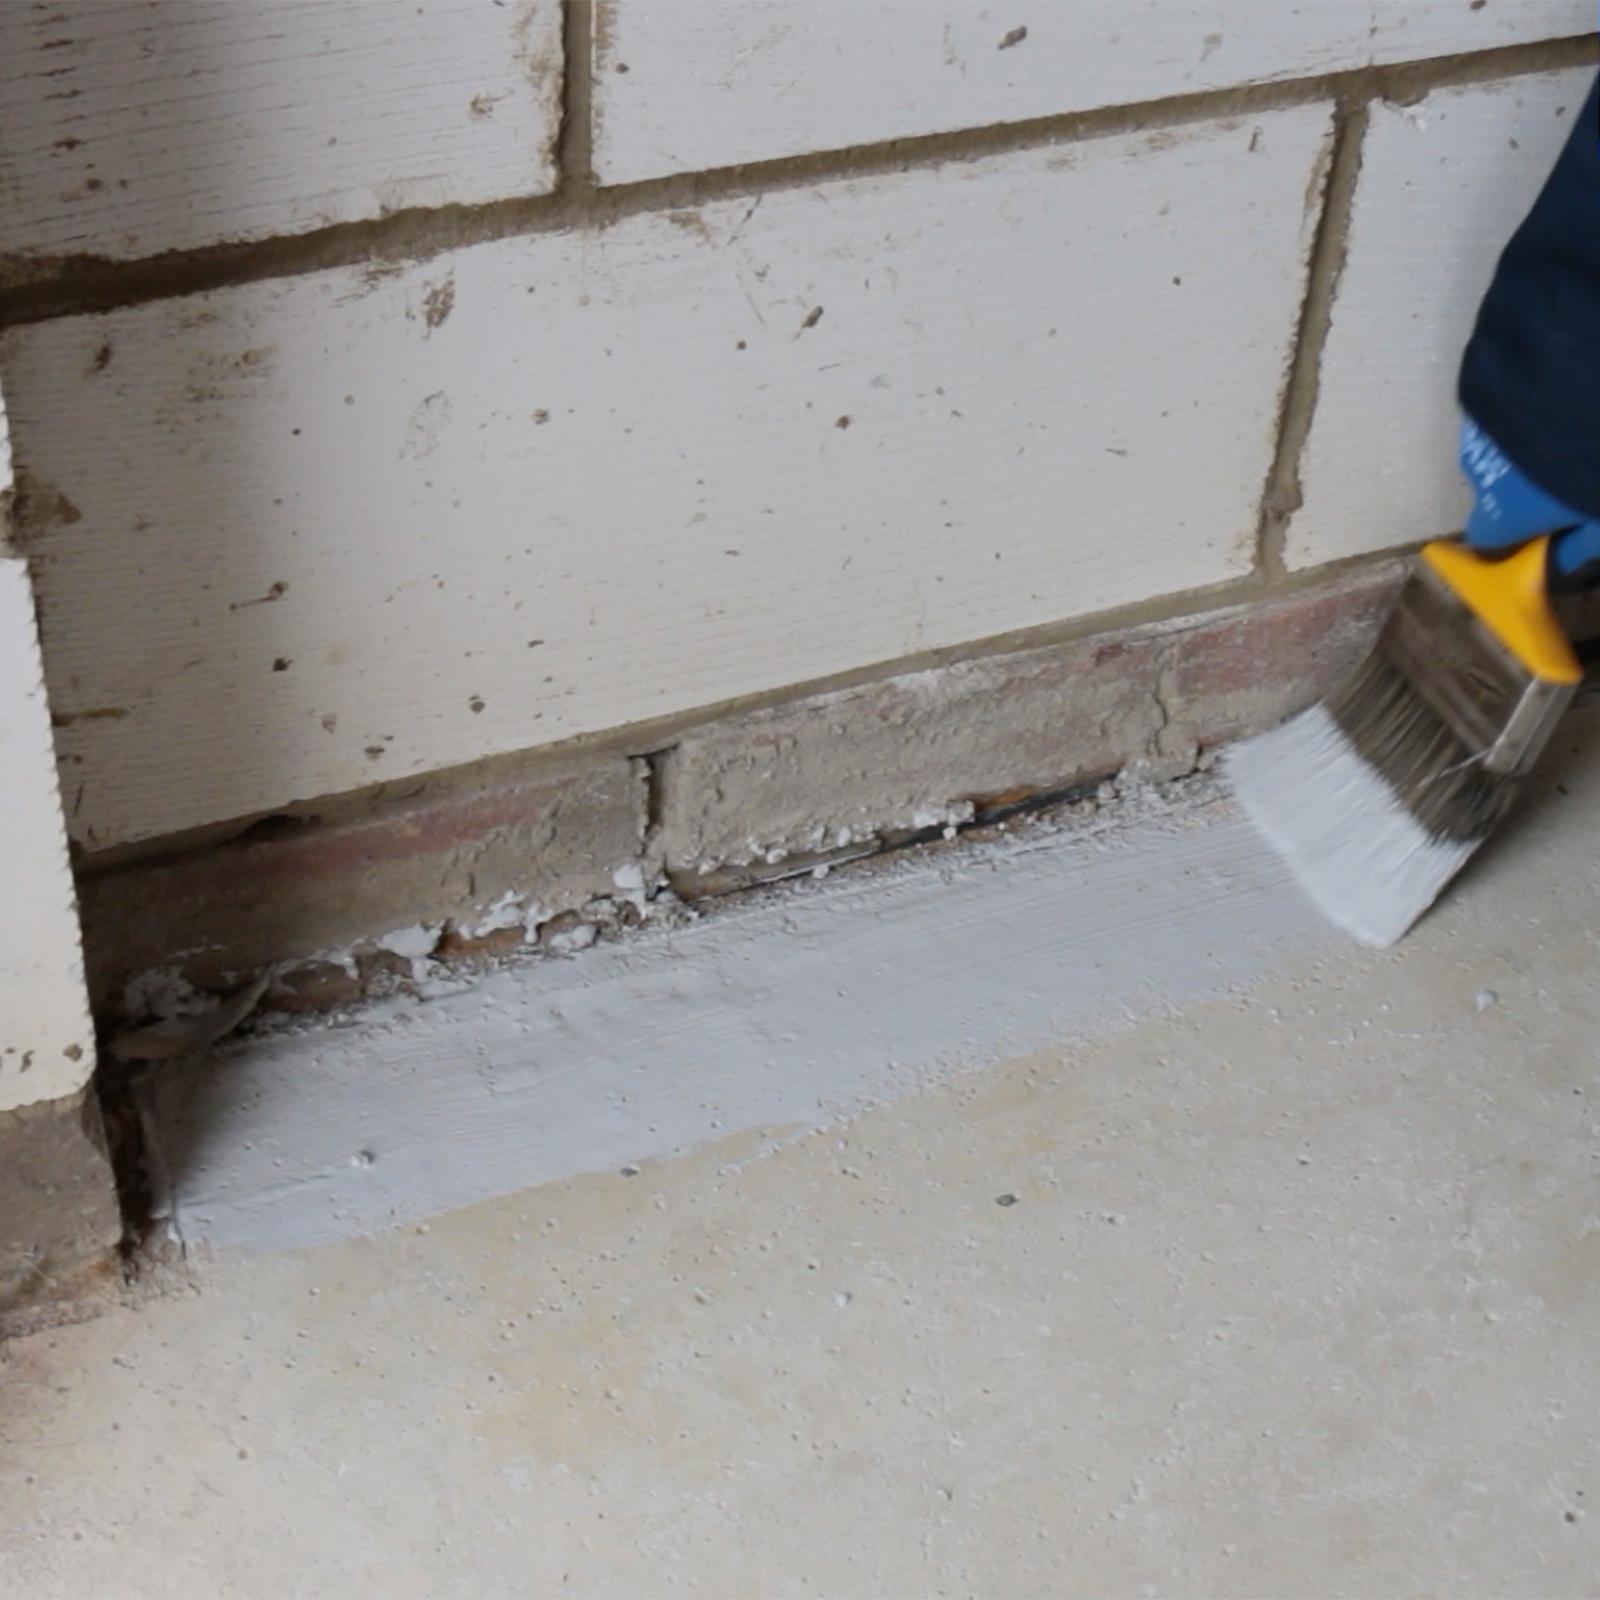 epoxy coatings inc urethane mil epoxywithurethane topcoat assembly transmission and s shop floor flooring blackwell with